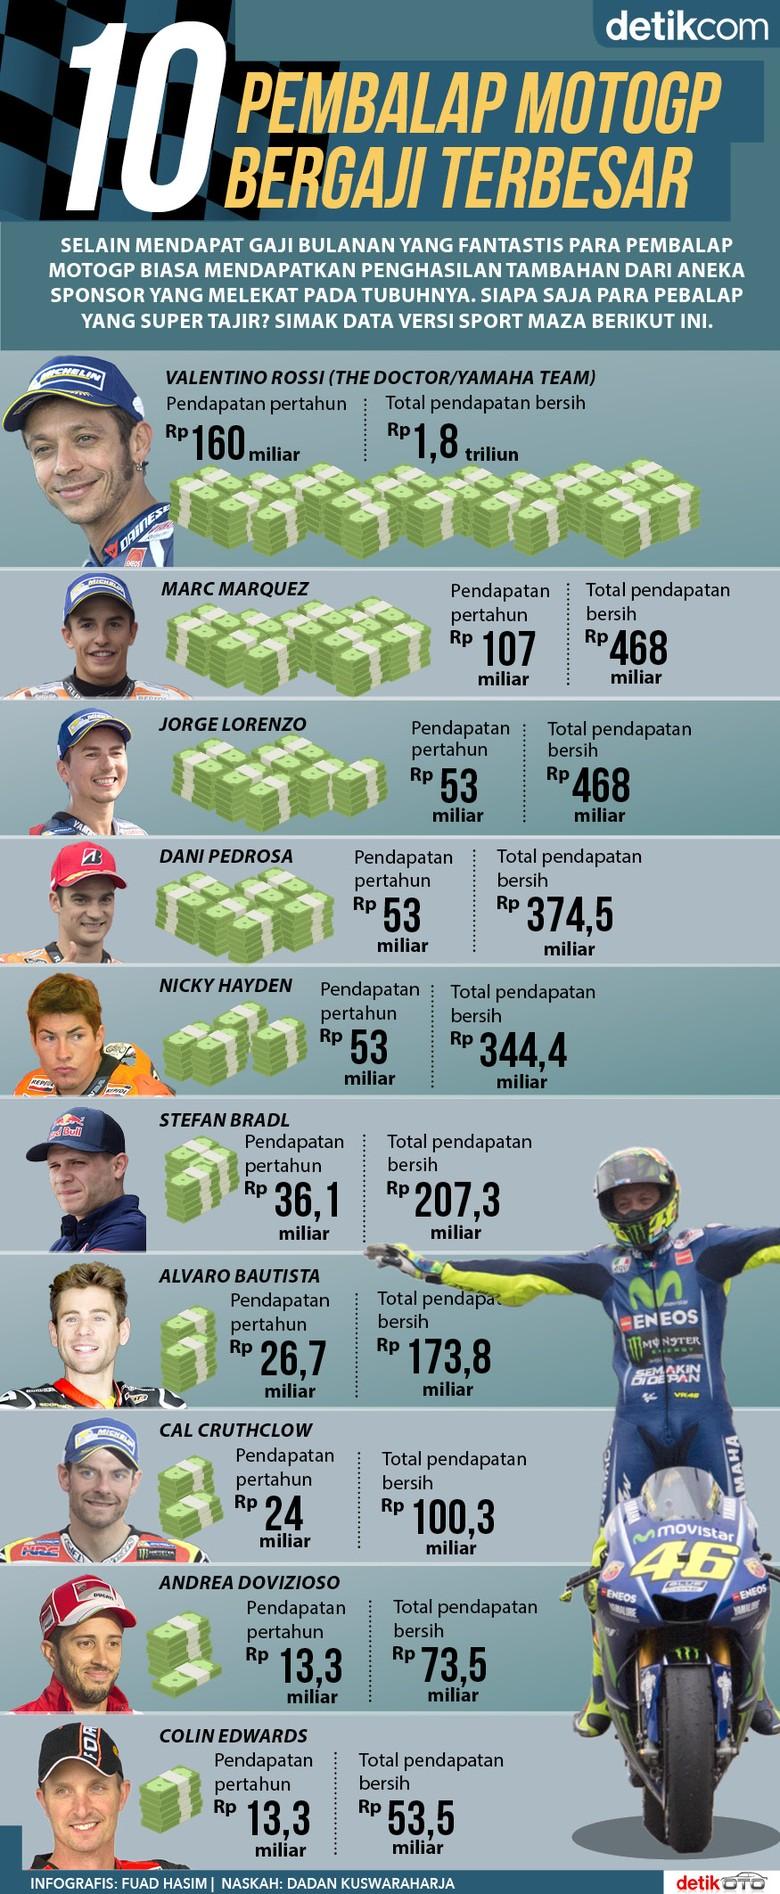 10 Pebalap MotoGP dengan Gaji Wow!